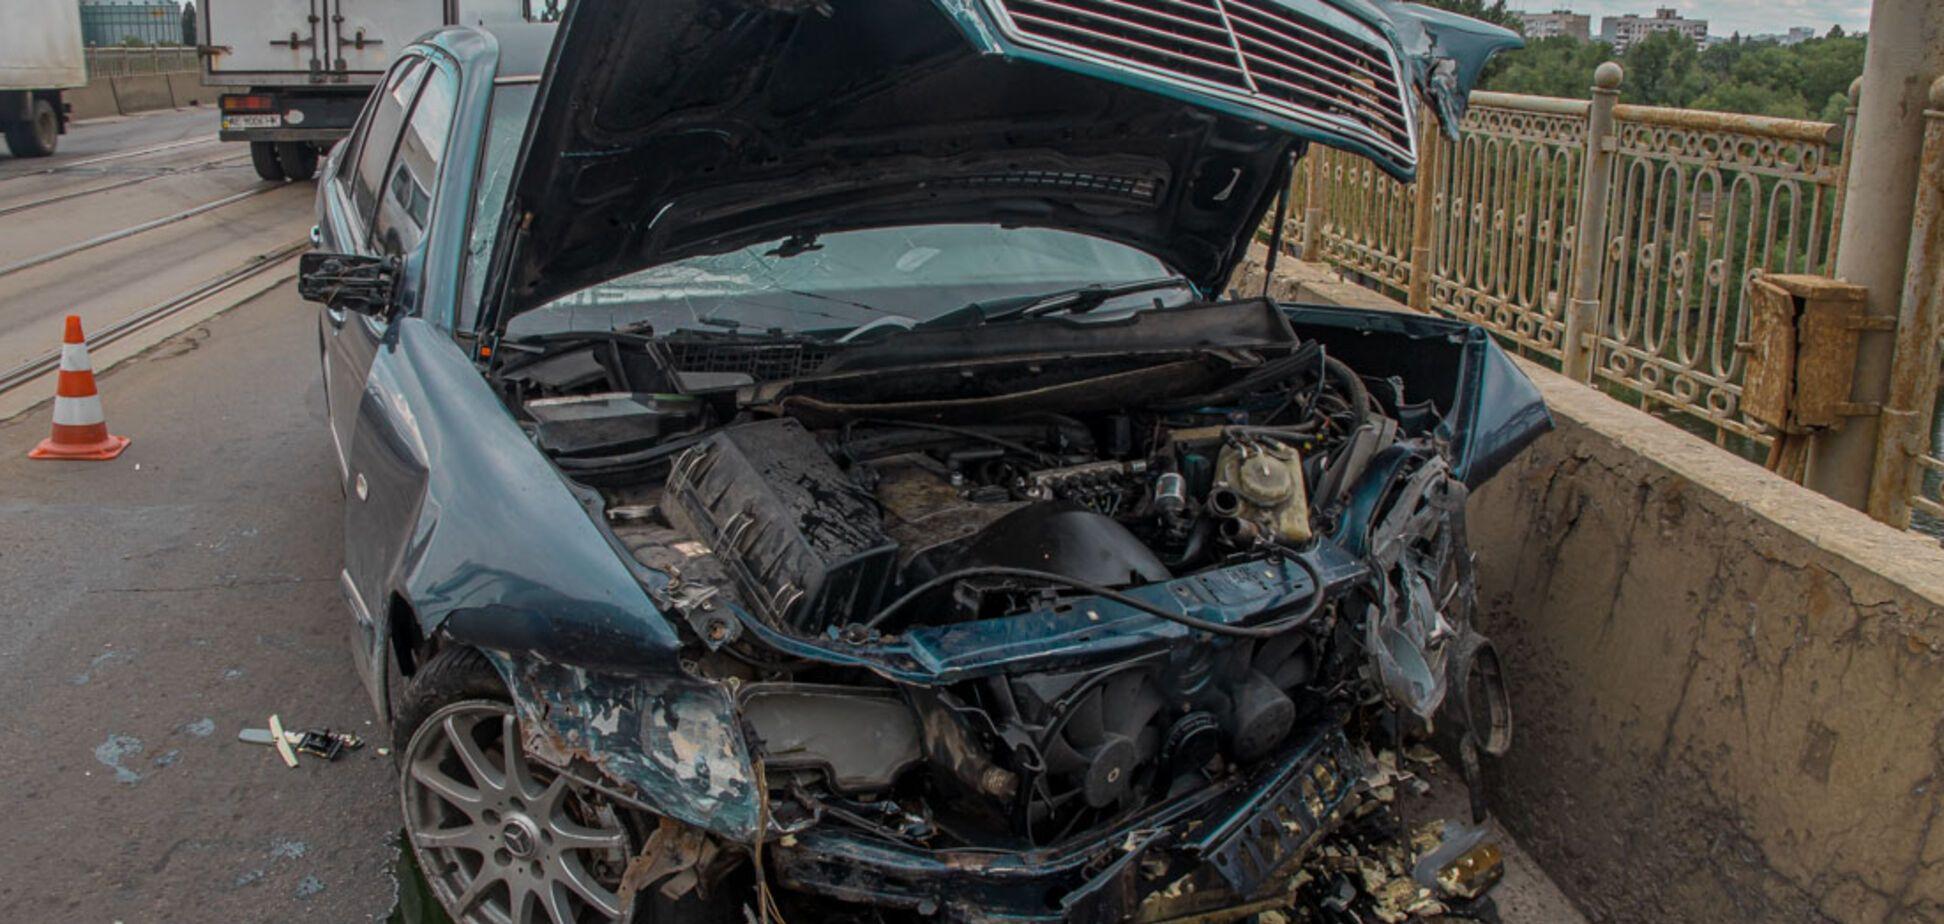 У Дніпрі на мосту Mercedes втратив керування і врізався в бетонний відбійник